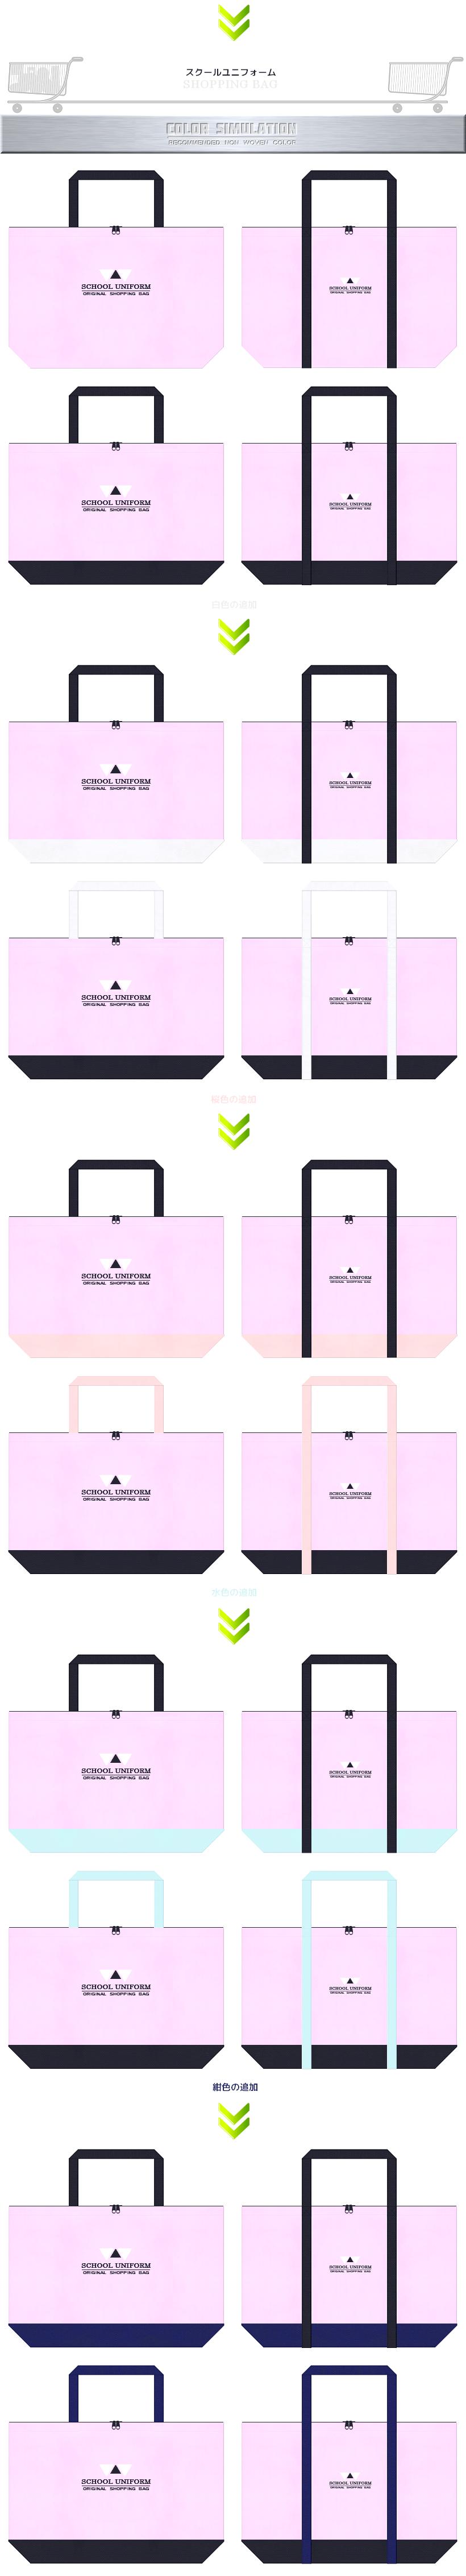 パステルピンク色と濃紺色をメインに使用した、ユニフォームの不織布ショッピングバッグのカラーシミュレーション:スクールユニフォームのショッピングバッグ